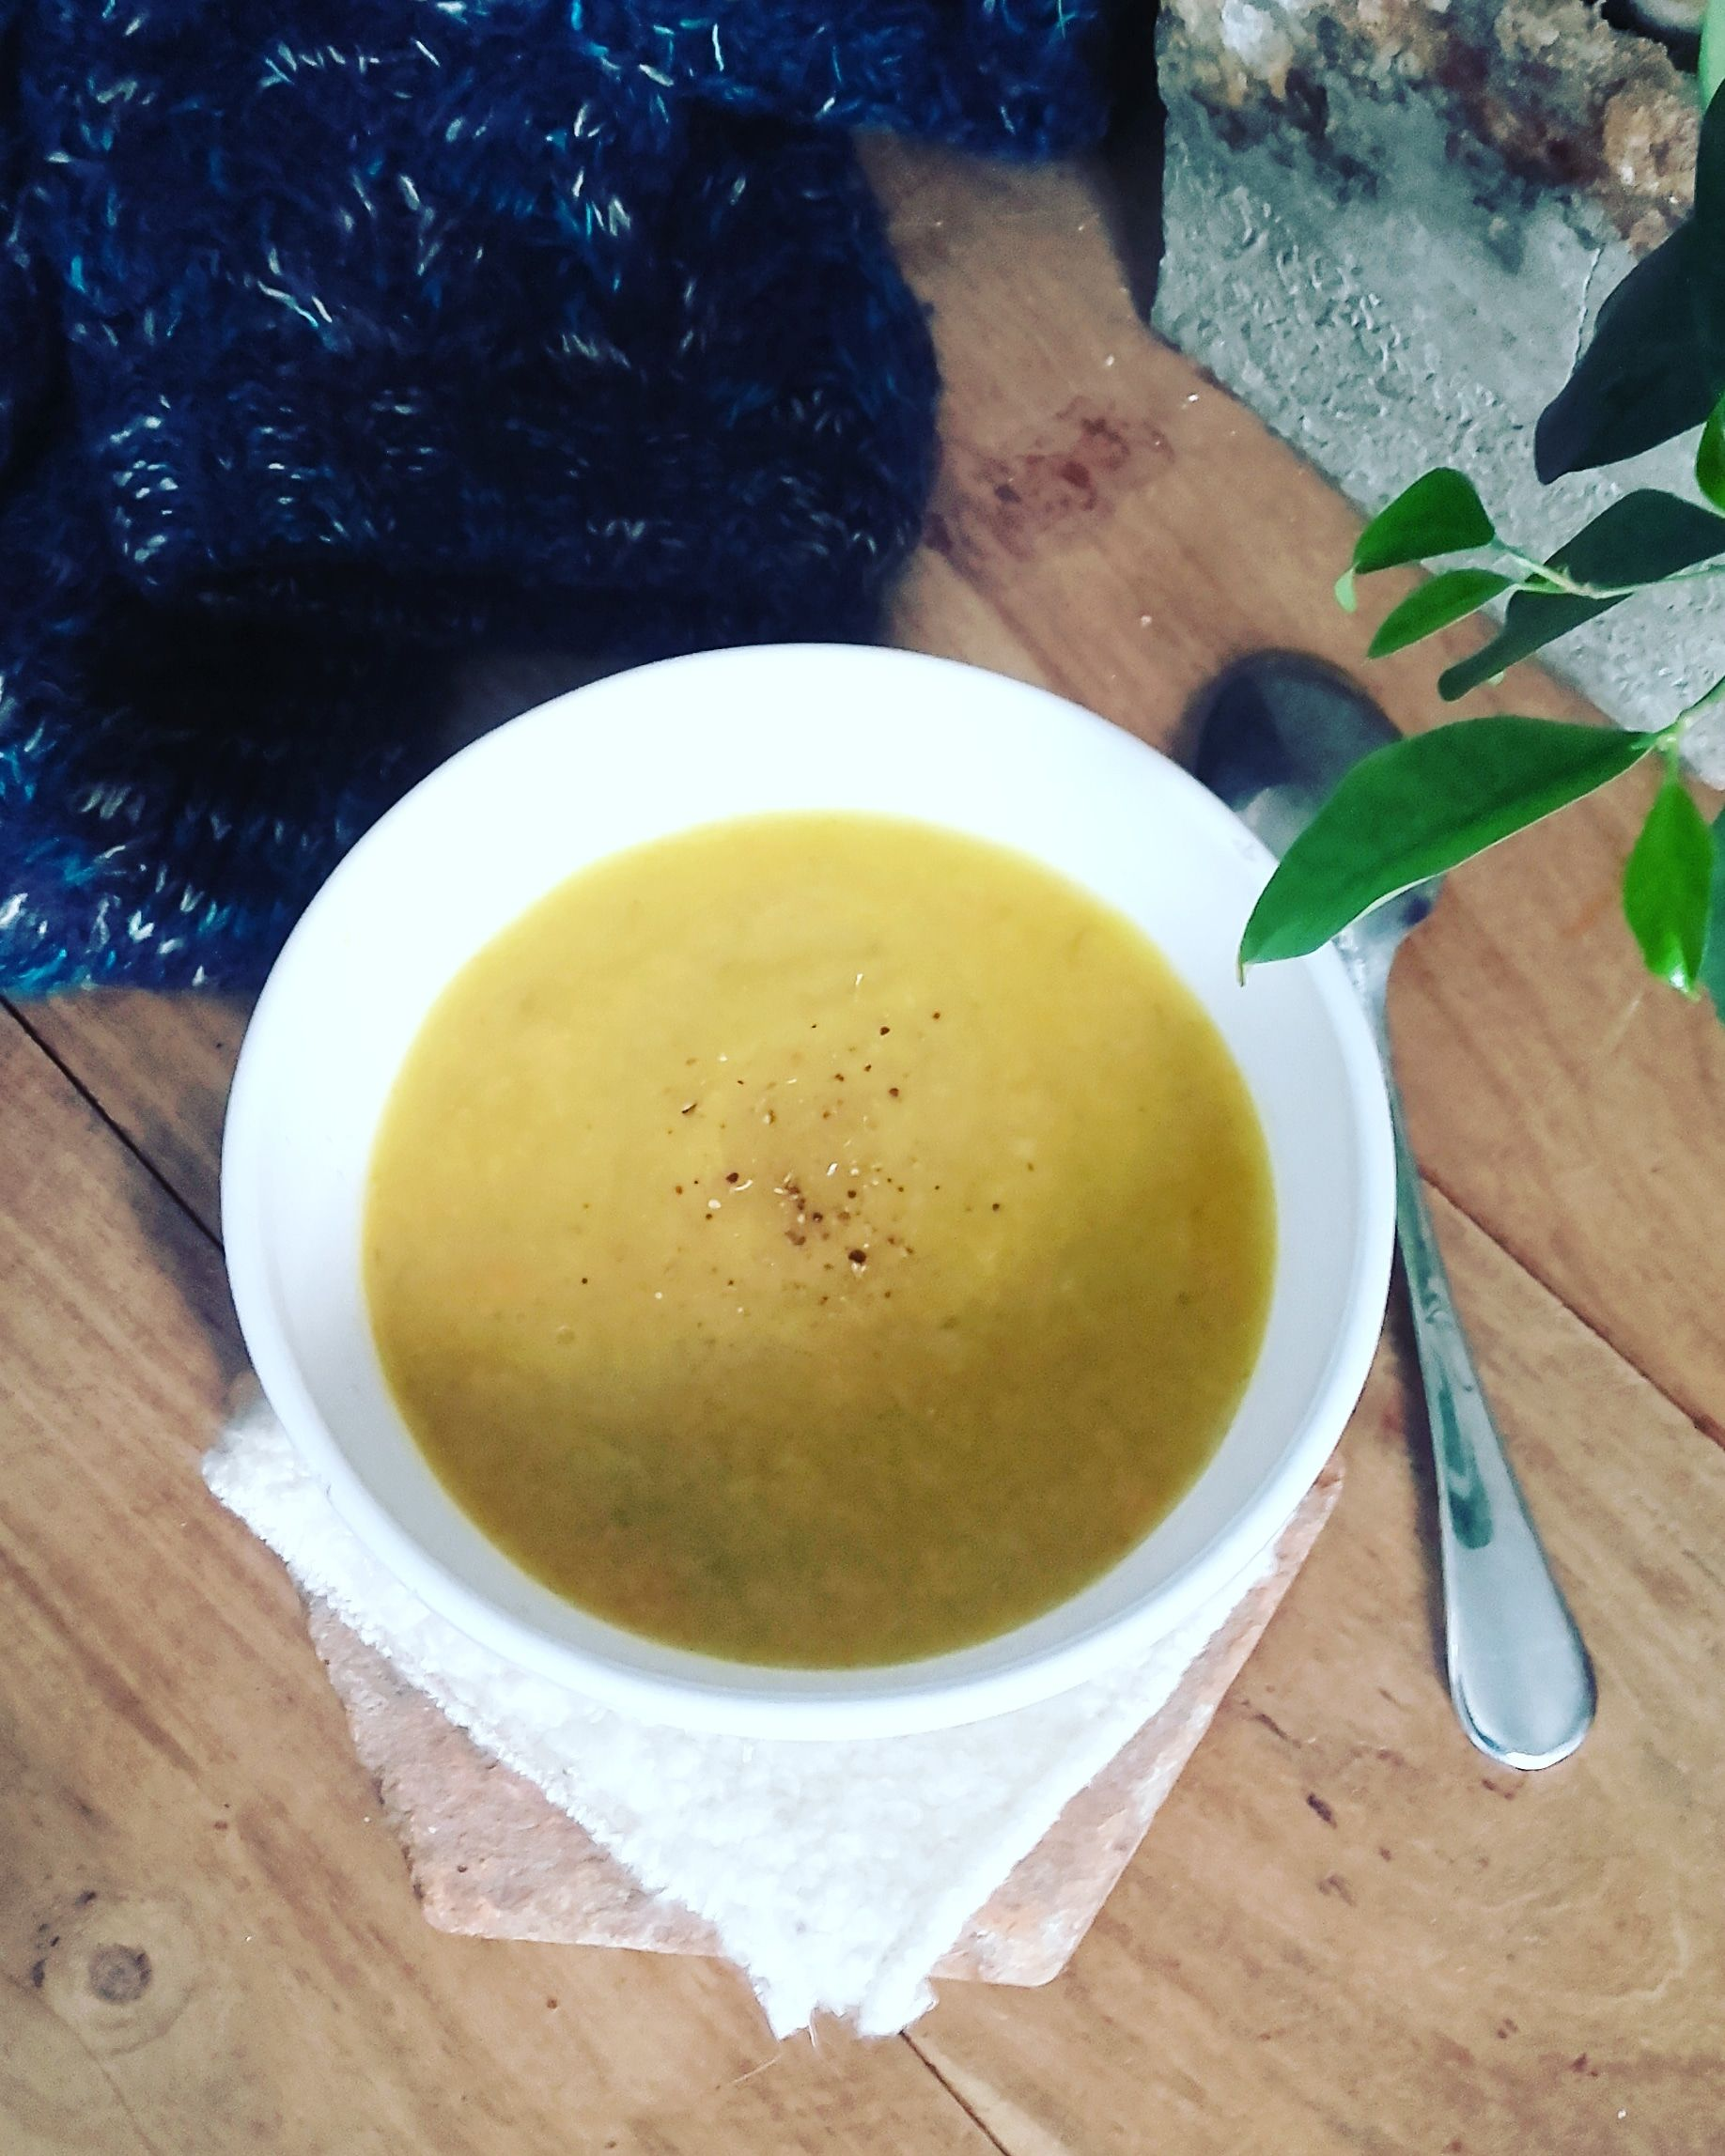 Soupe Poireau Carotte Pomme De Terre : soupe, poireau, carotte, pomme, terre, SOUPE, POIREAUX/POMMES, TERRE/CAROTTES, Soupe, Poireaux,, Pomme, Terre, Carotte,